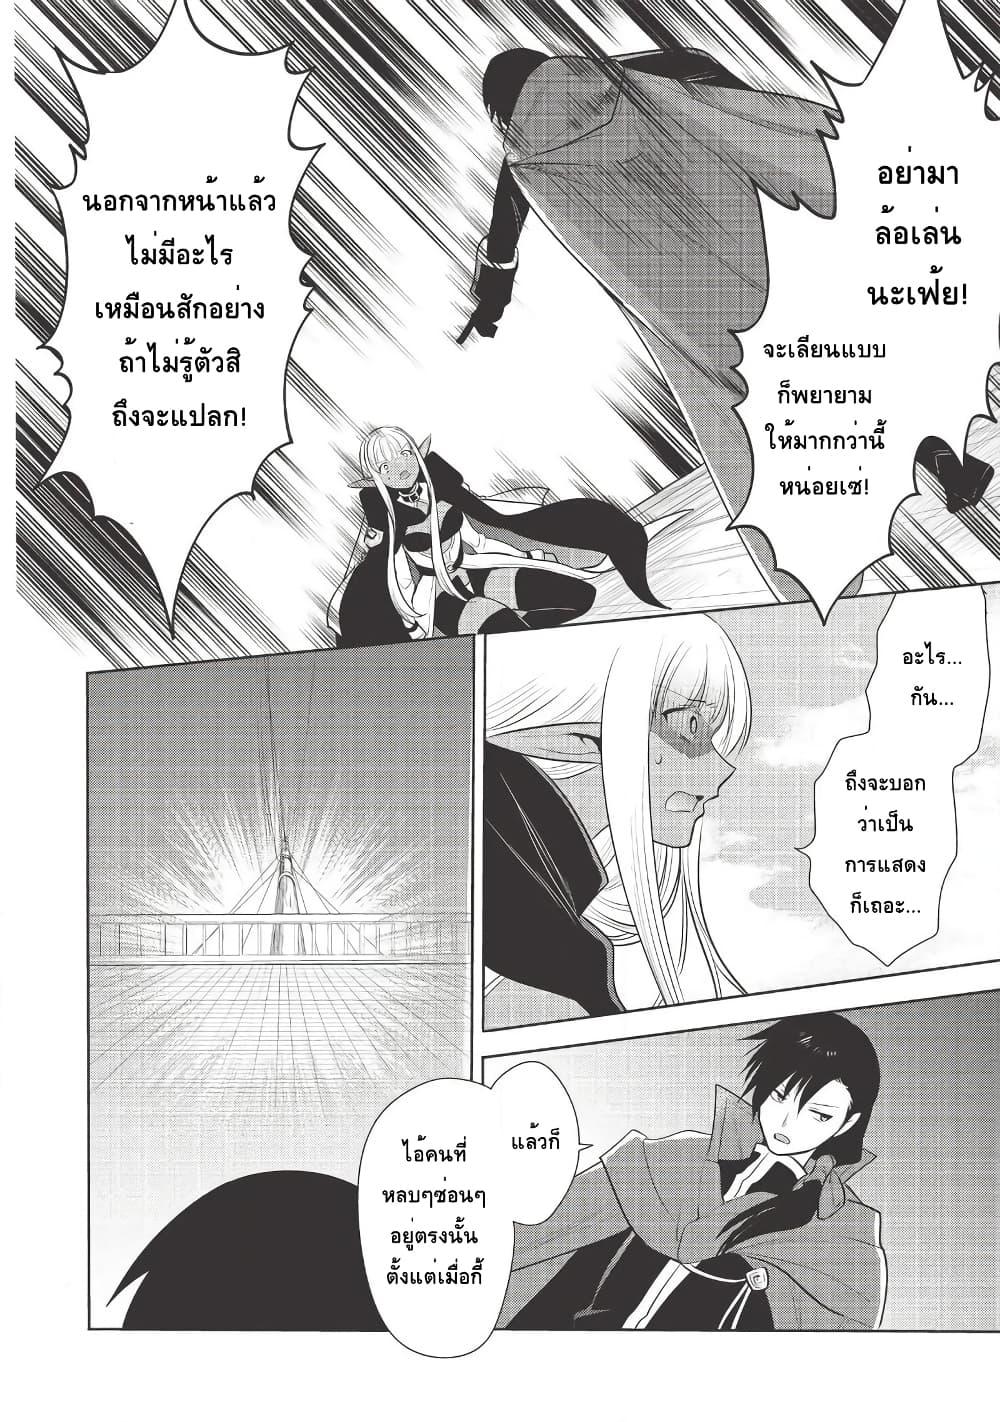 อ่านการ์ตูน Maou no Ore ga Dorei Elf wo Yome ni Shitanda ga Dou Medereba Ii ตอนที่ 29 หน้าที่ 30